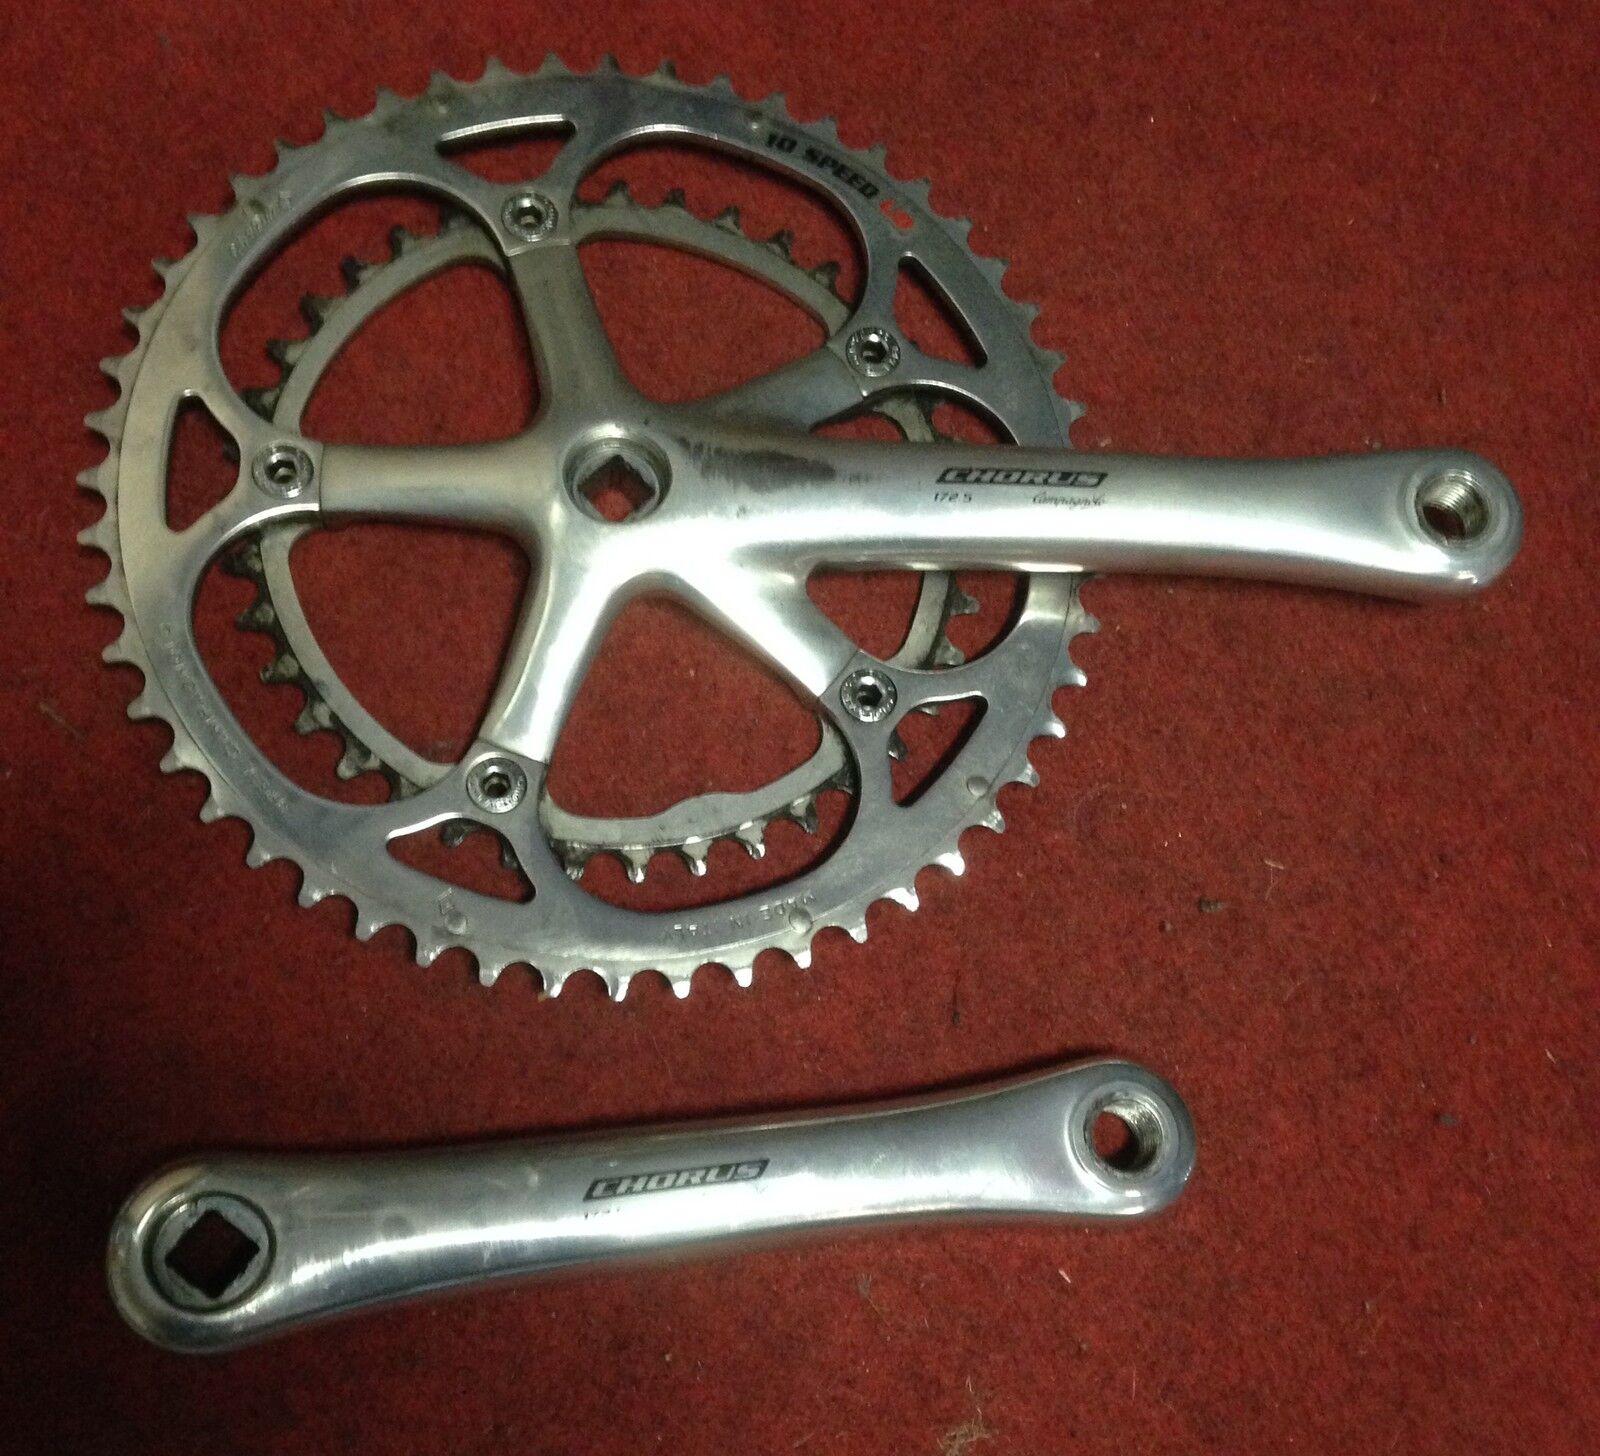 Conjunto de manivela Campagnolo coro 10 s bicicleta crankset 172.5 52-39 fabricado en